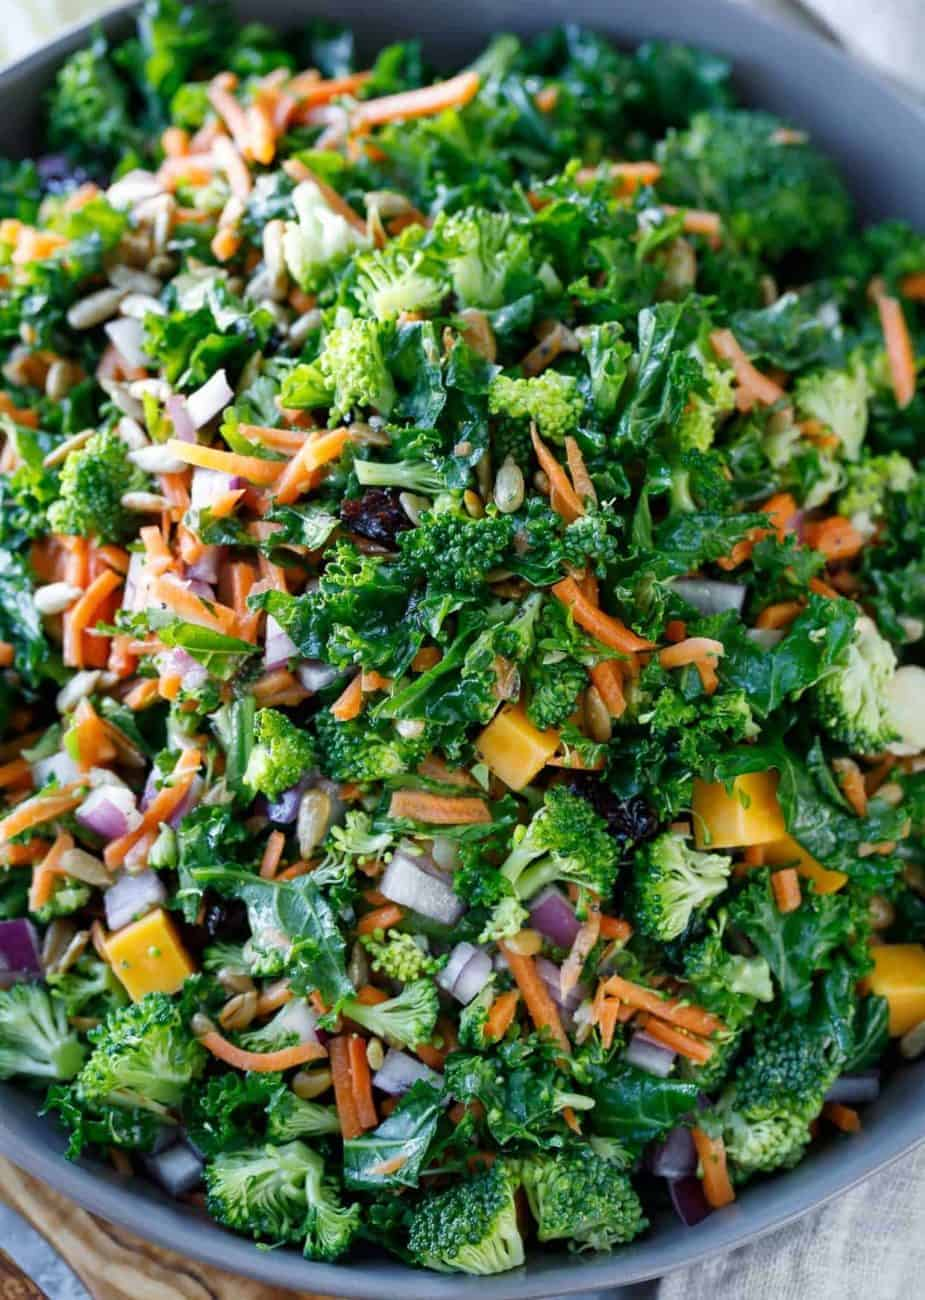 Kale oder Grünkohlsalat – grün, gesund und absolut lecker!